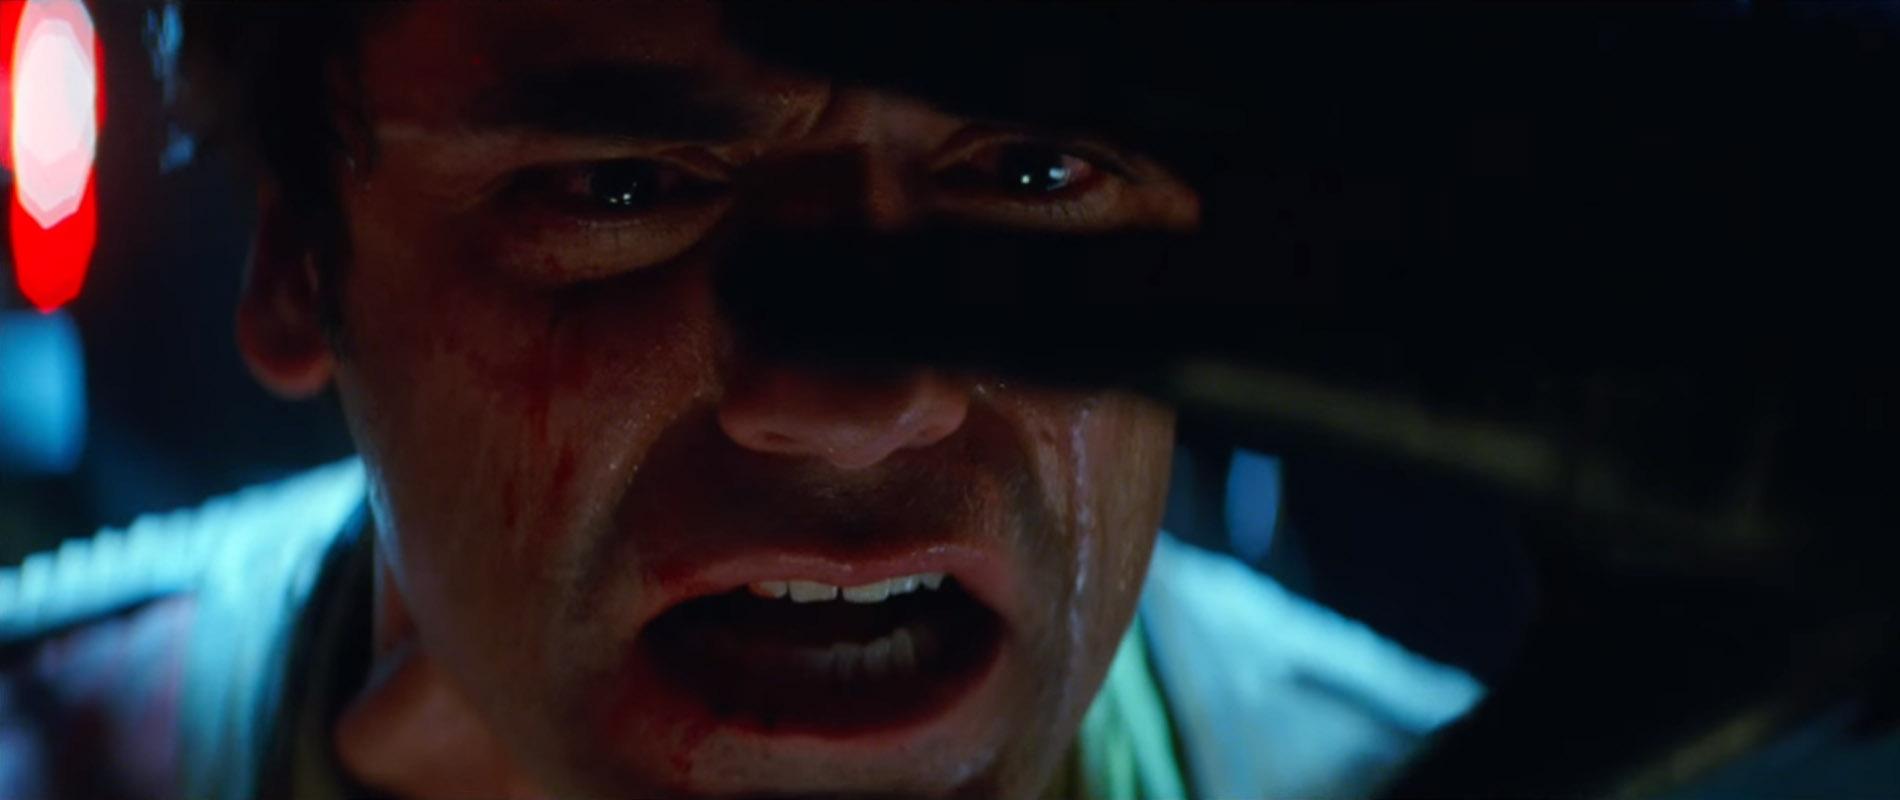 Star-Wars-7-Trailer-3-Poe-Dameron-Torture